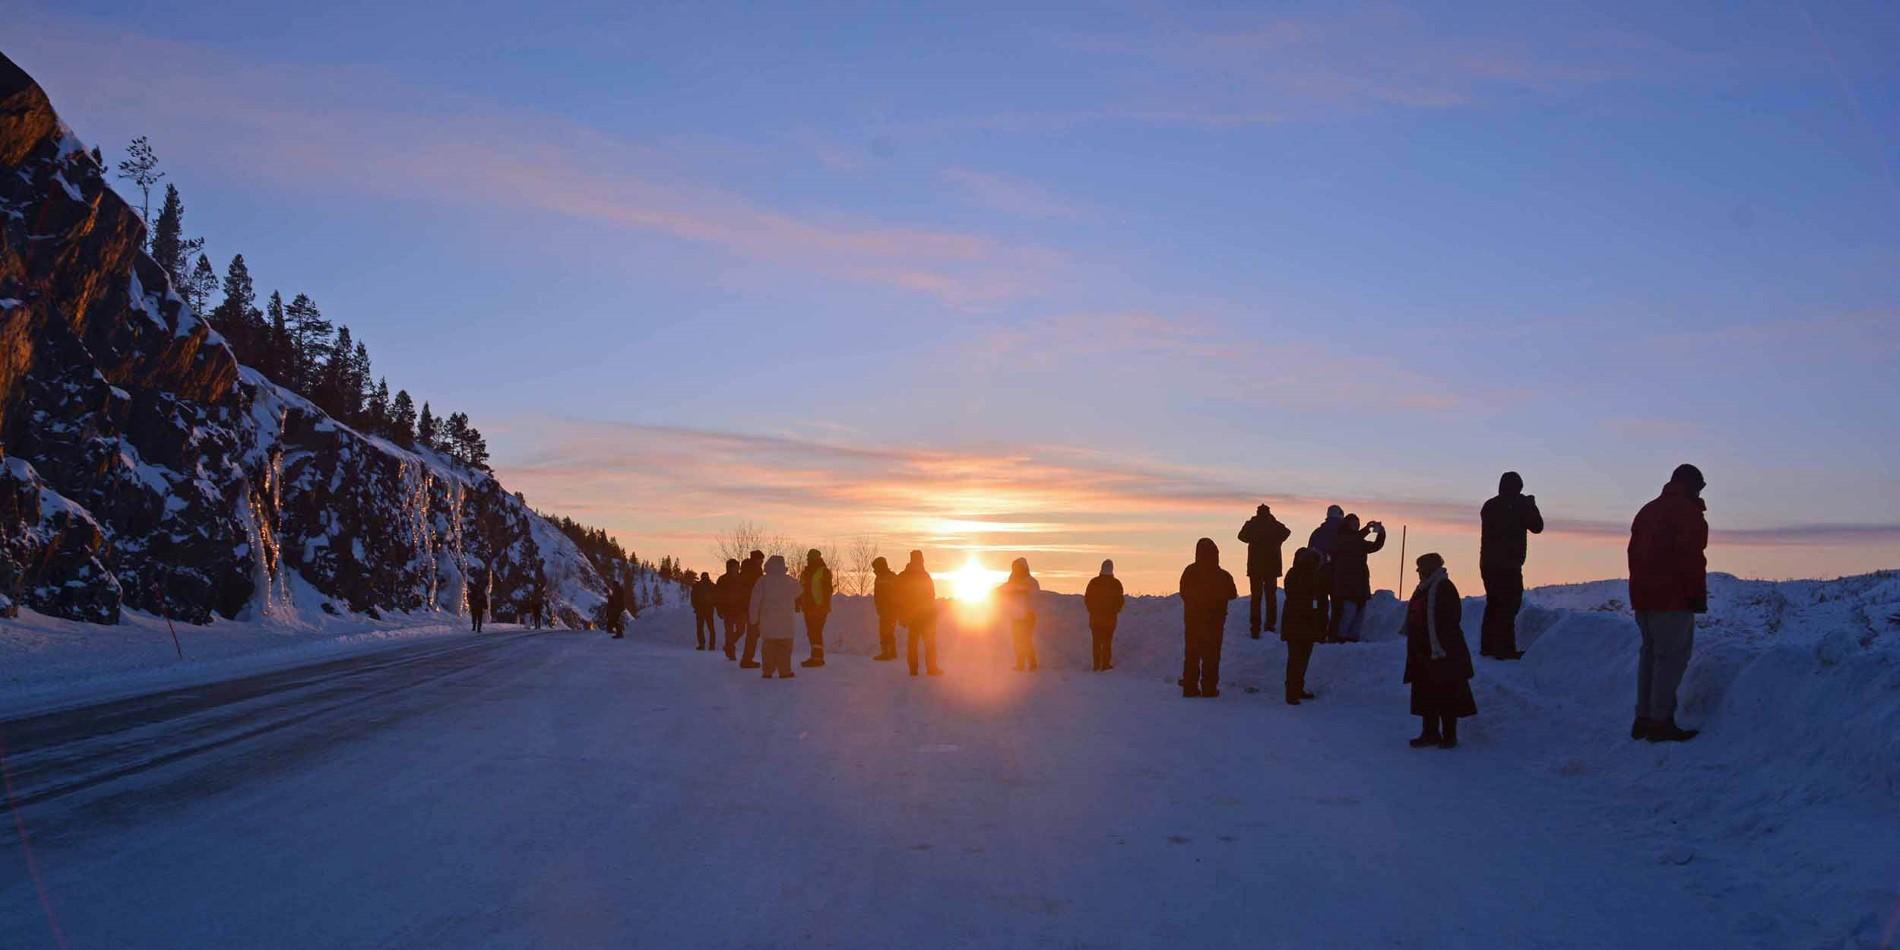 En grupp människor längdskidåkning i snön